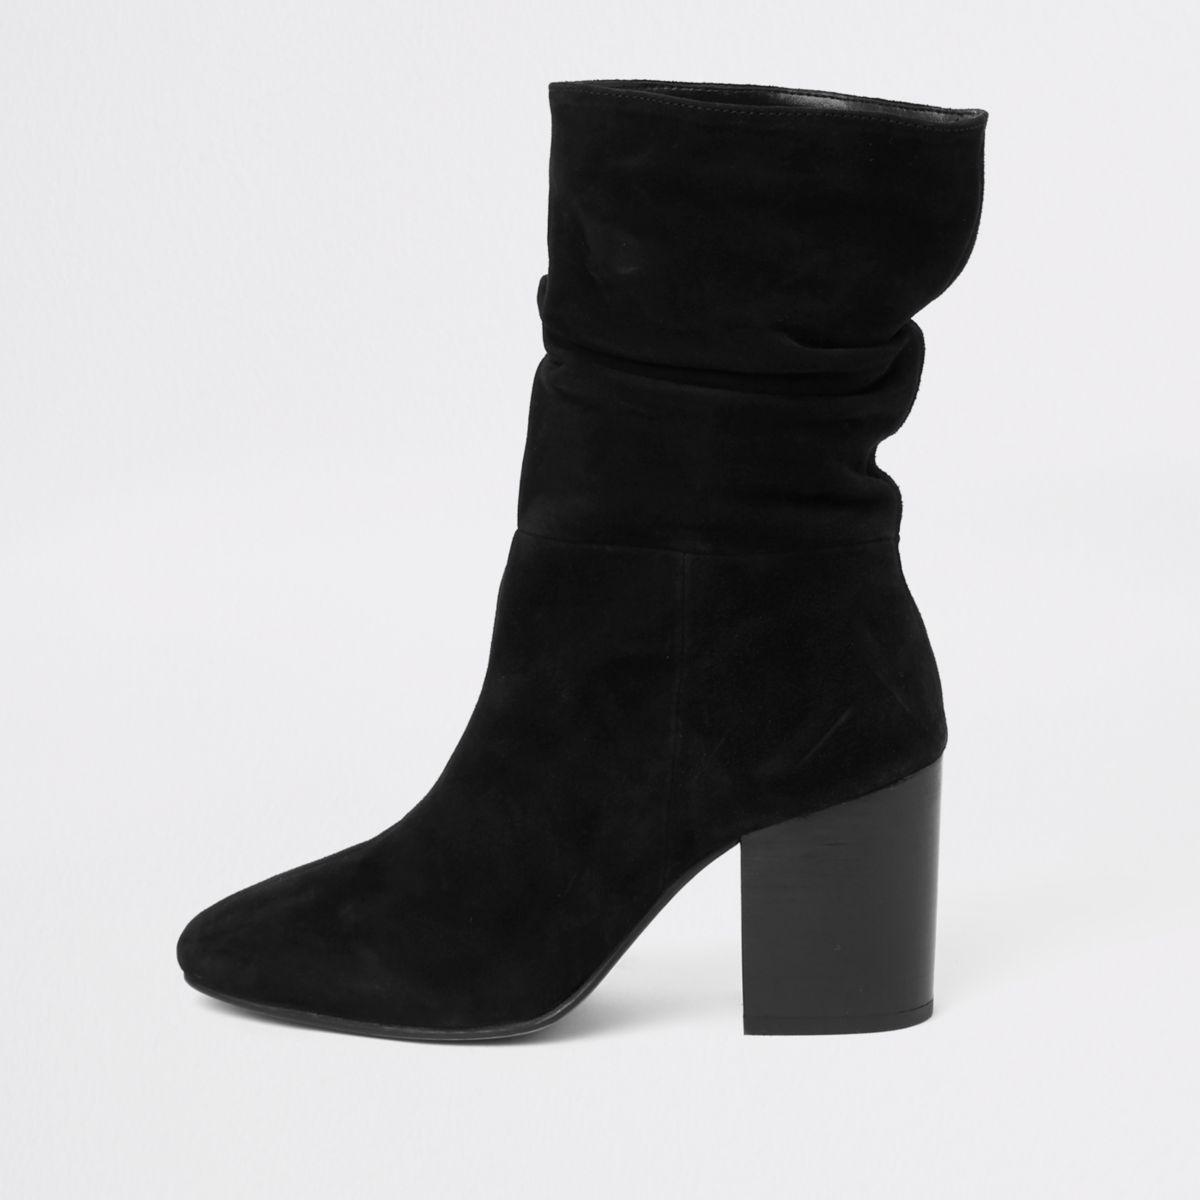 Black suede slouch block heel boots